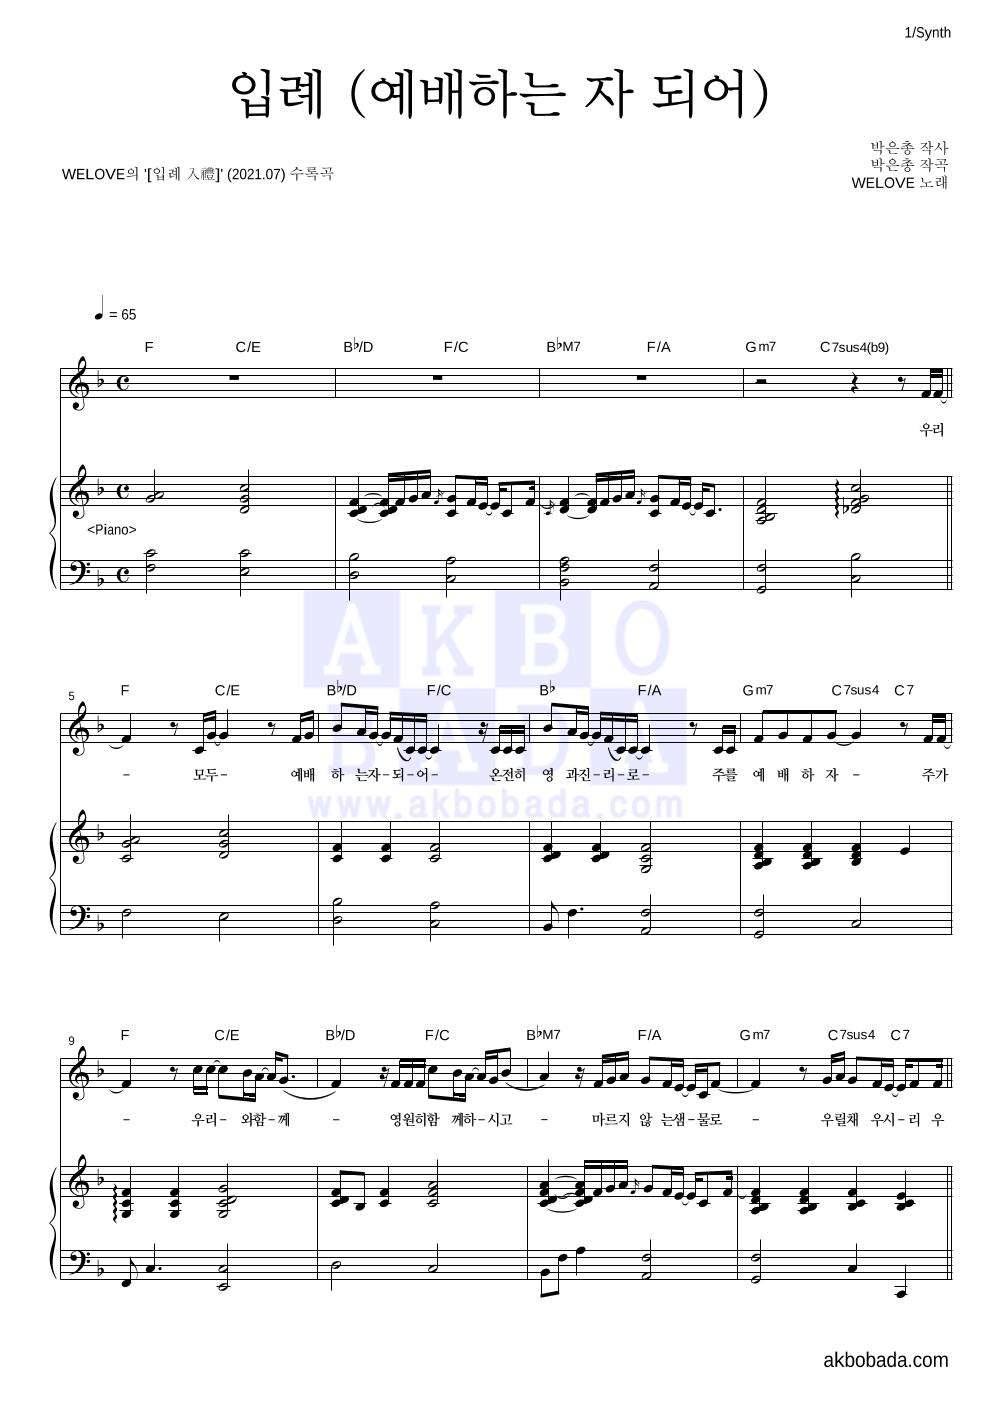 WeLove - 입례 (예배하는 자 되어) 건반 악보